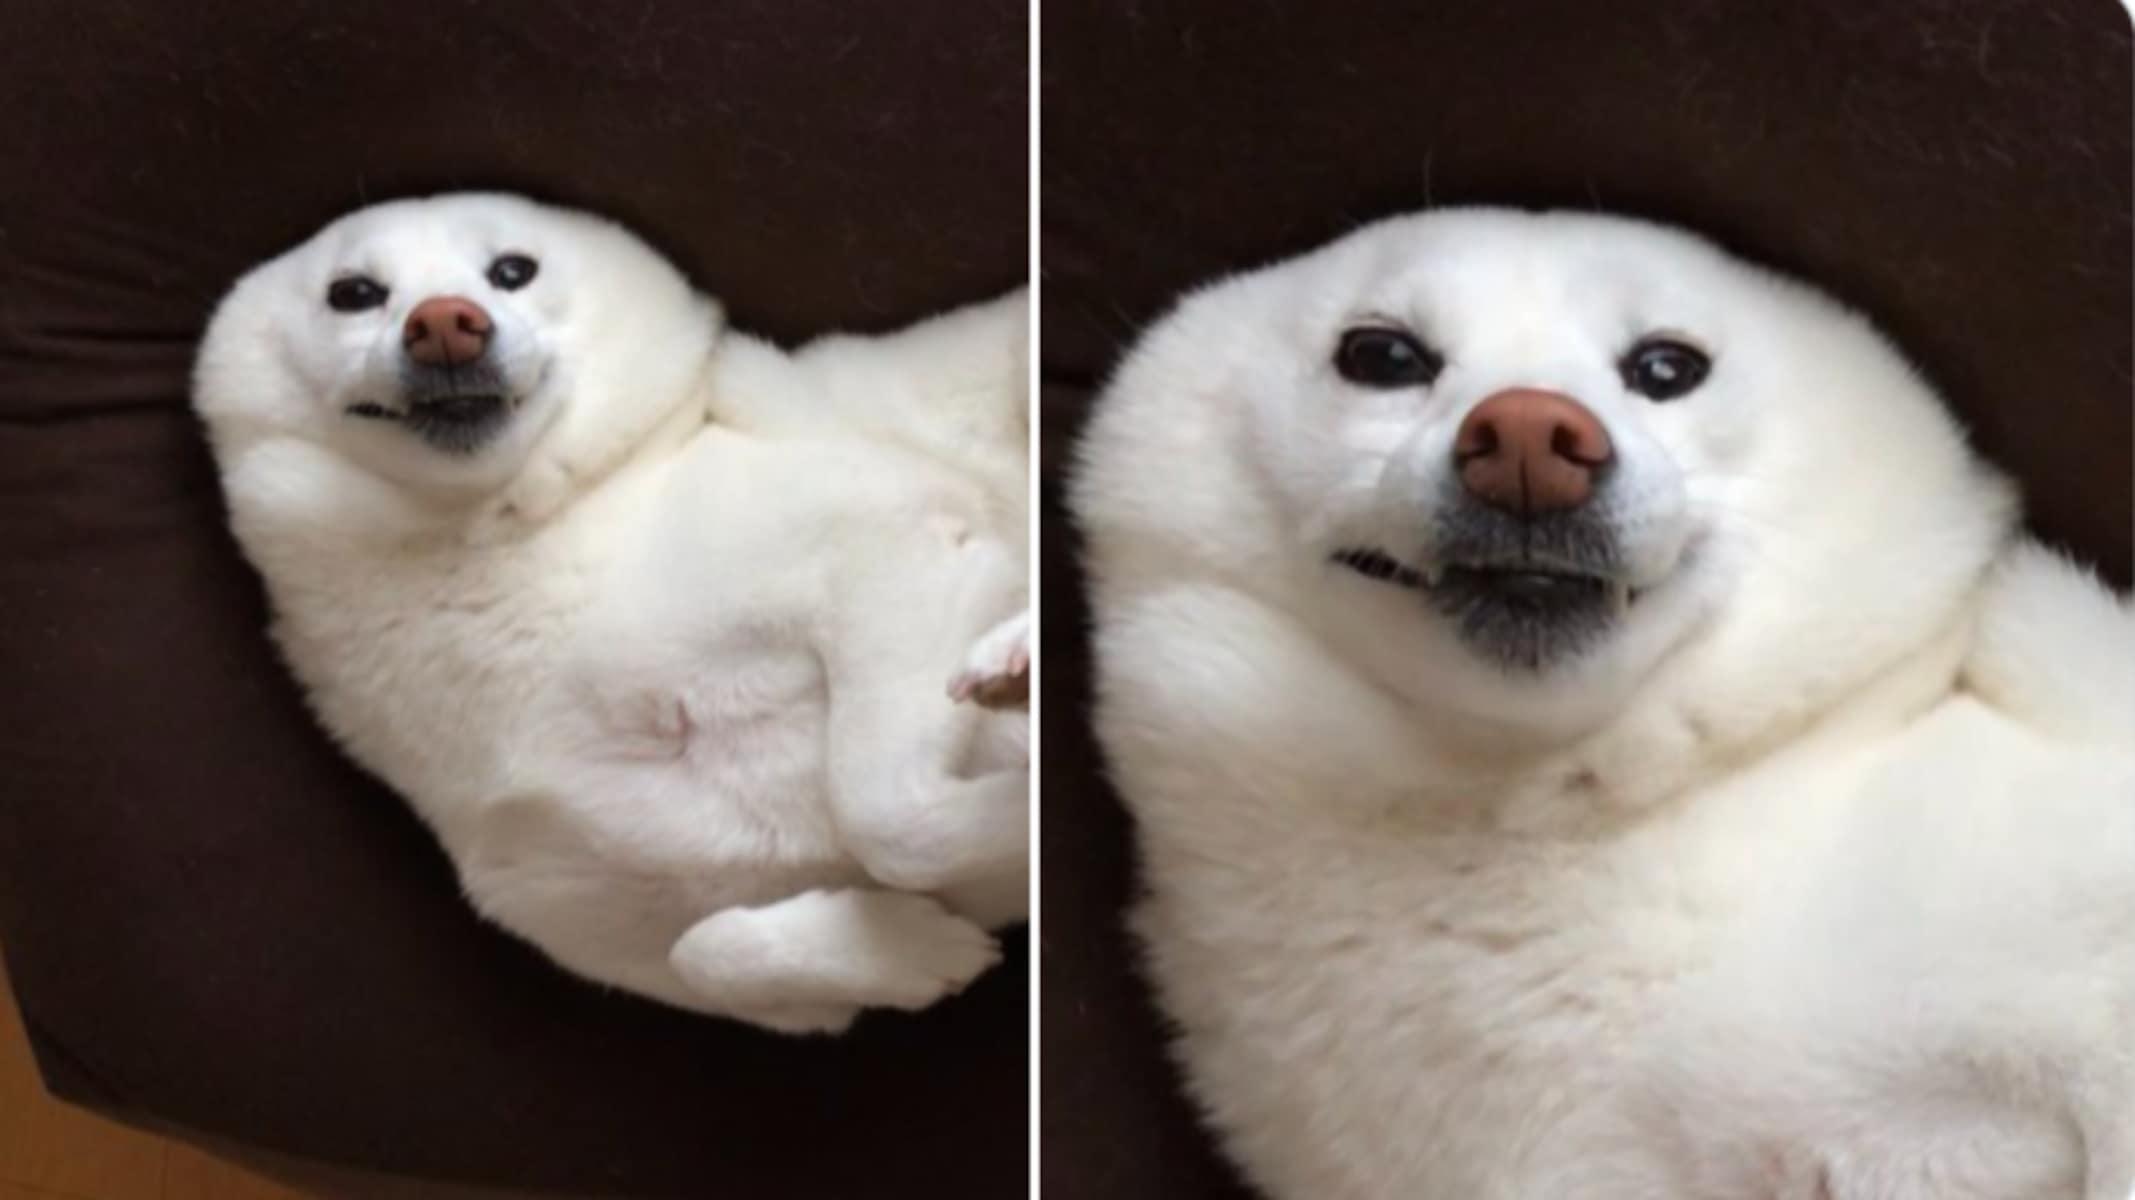 新種のアザラシか?! 耳がすっぽり隠れた犬の写真が可愛すぎると話題に